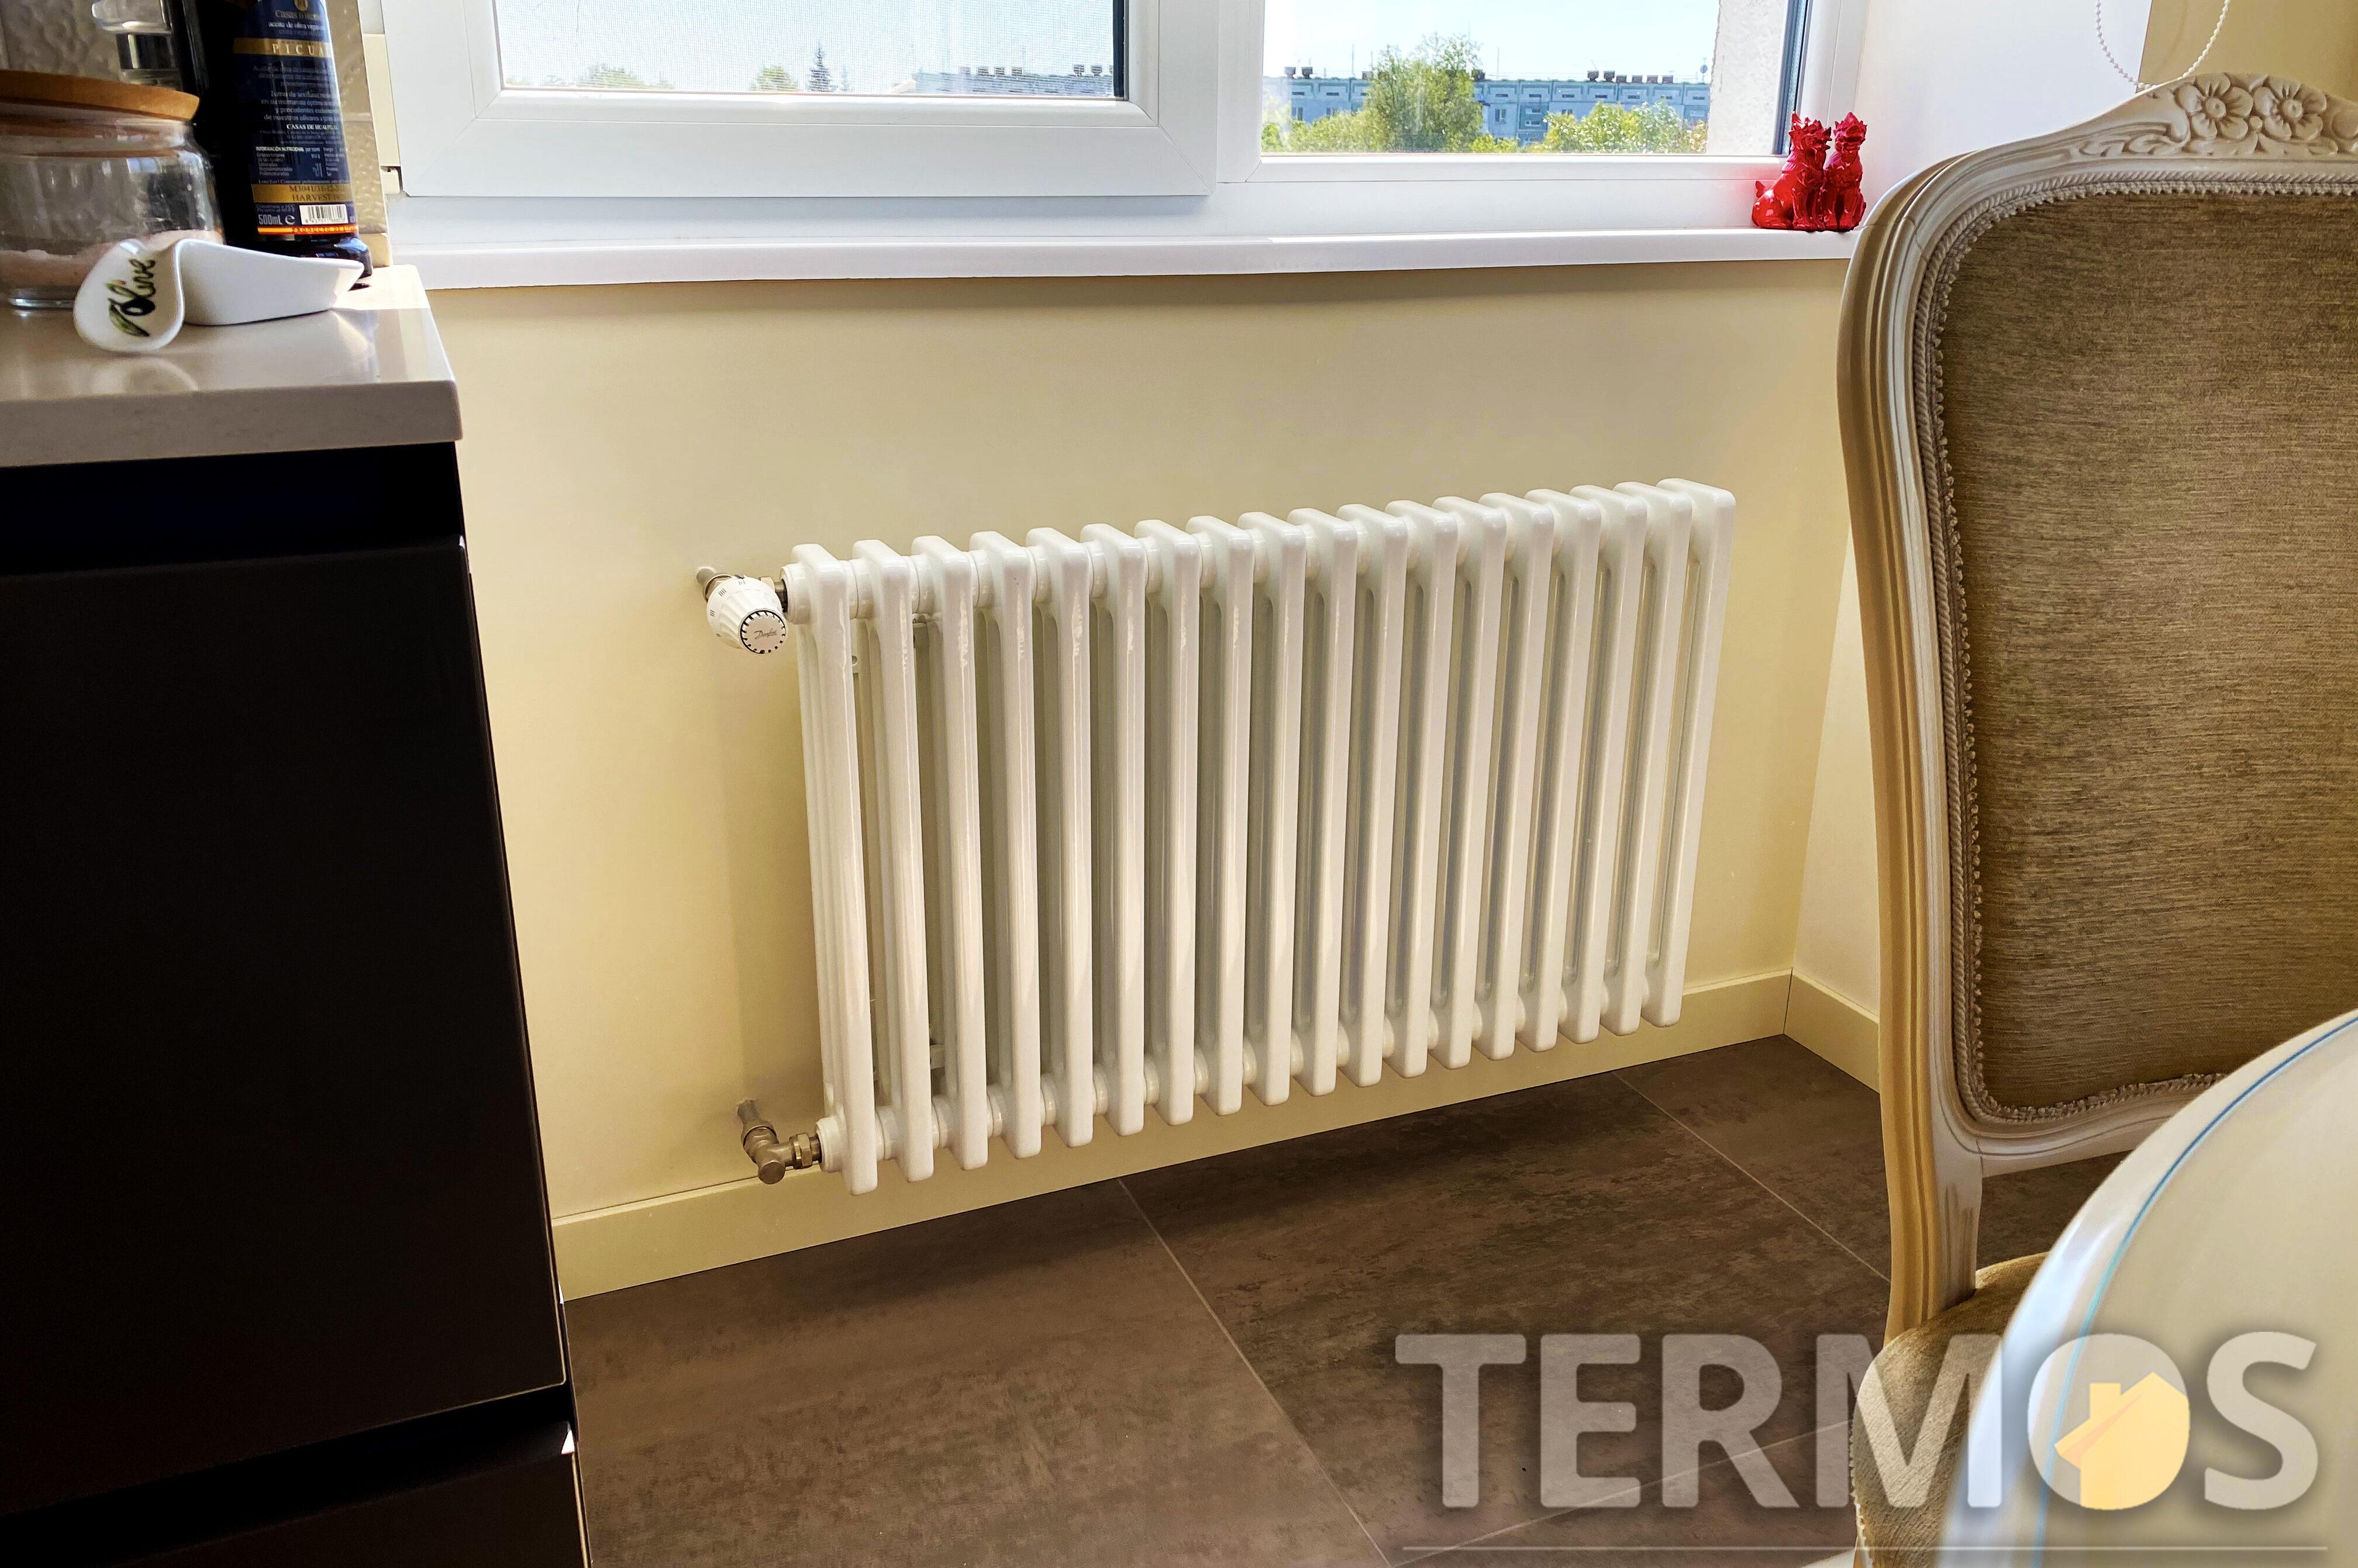 Стальные трубчатые радиаторы имеют различные вертикальные и горизонтальные размеры